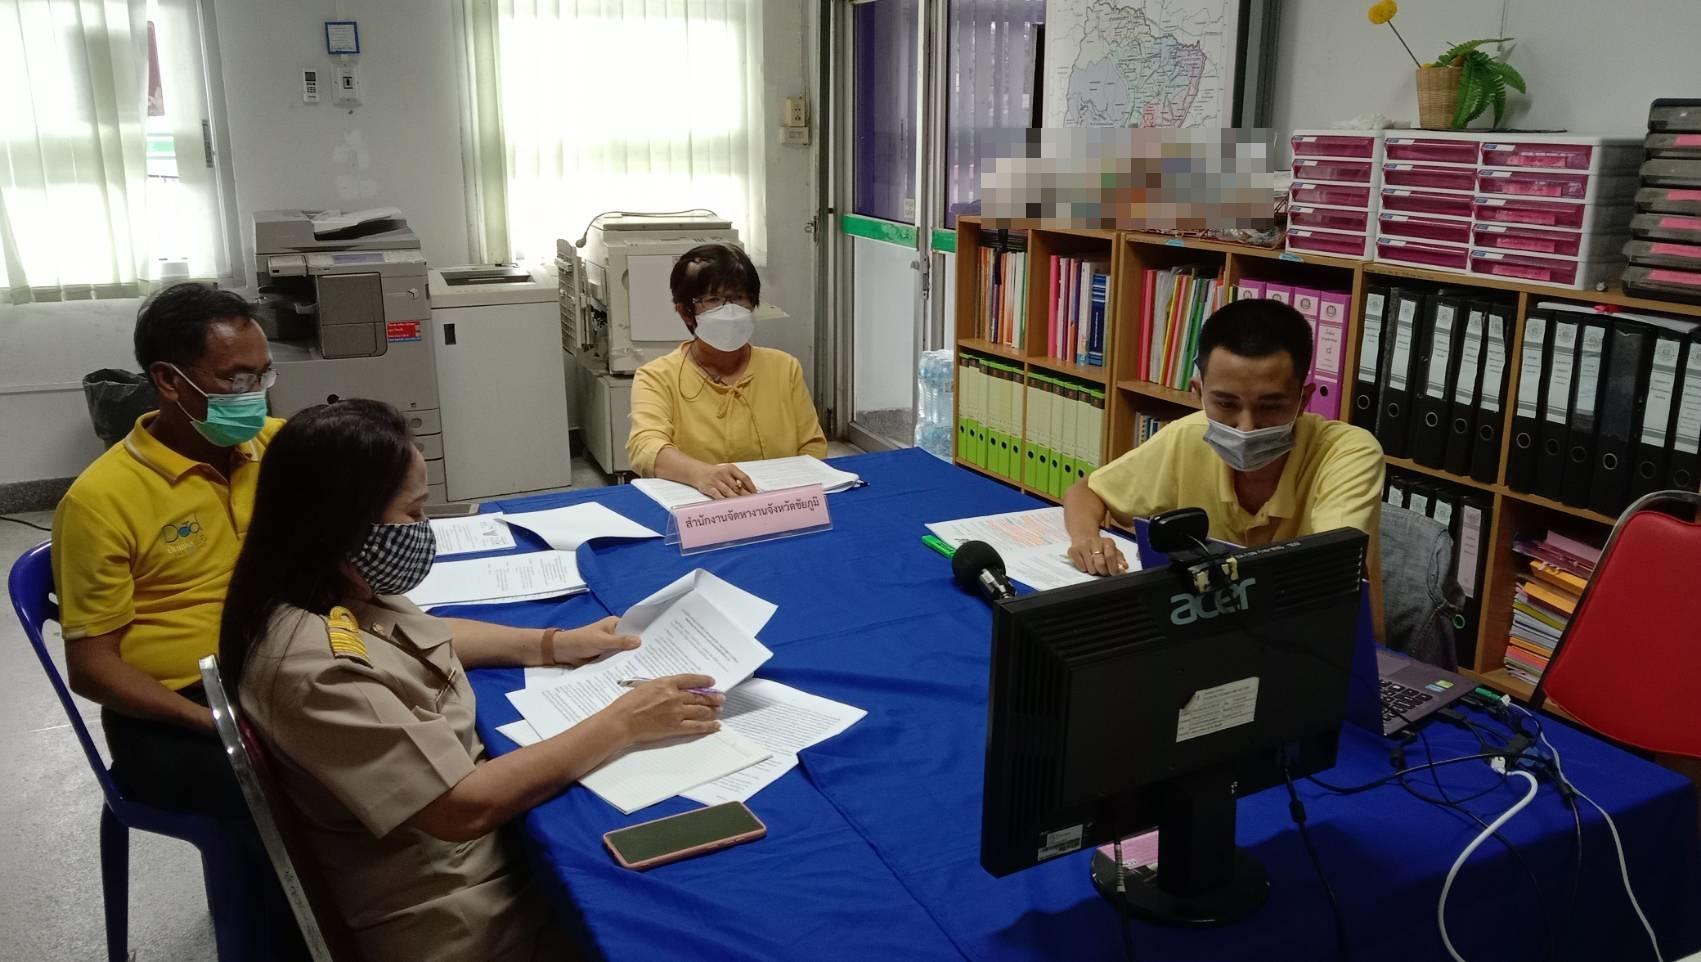 ประชุมซักซ้อมแนวปฏิบัติการบริหารจัดการการทำงานของคนต่างด้าว 3 สัญชาติ (กัมพูชา ลาว และเมียนมา)ฯ